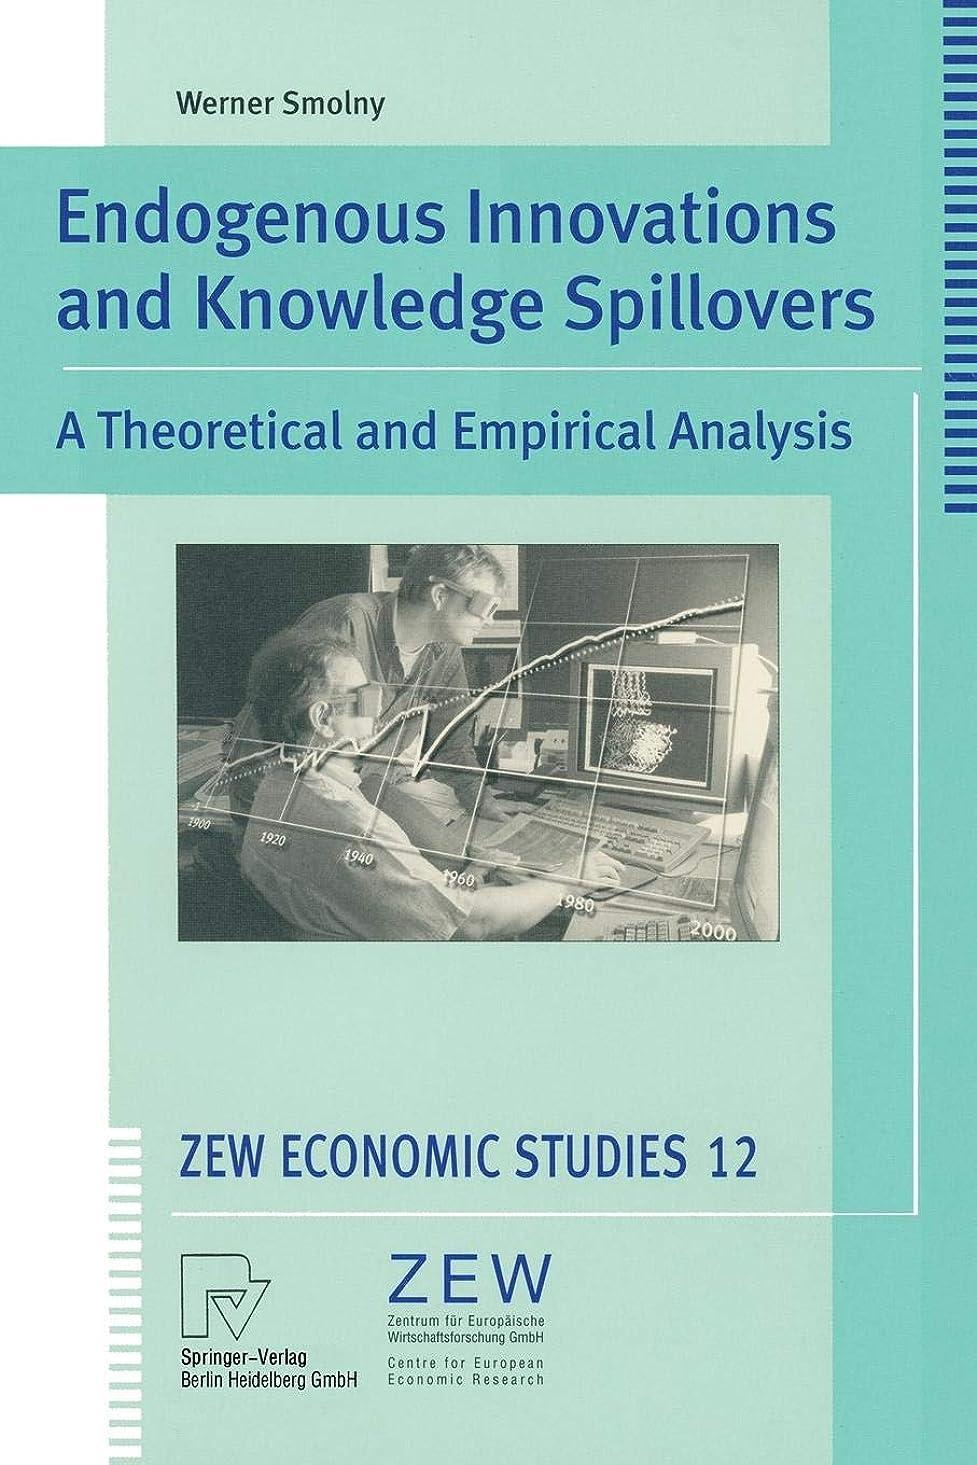 マルクス主義者月抽象Endogenous Innovations and Knowledge Spillovers: A Theoretical and Empirical Analysis (ZEW Economic Studies)